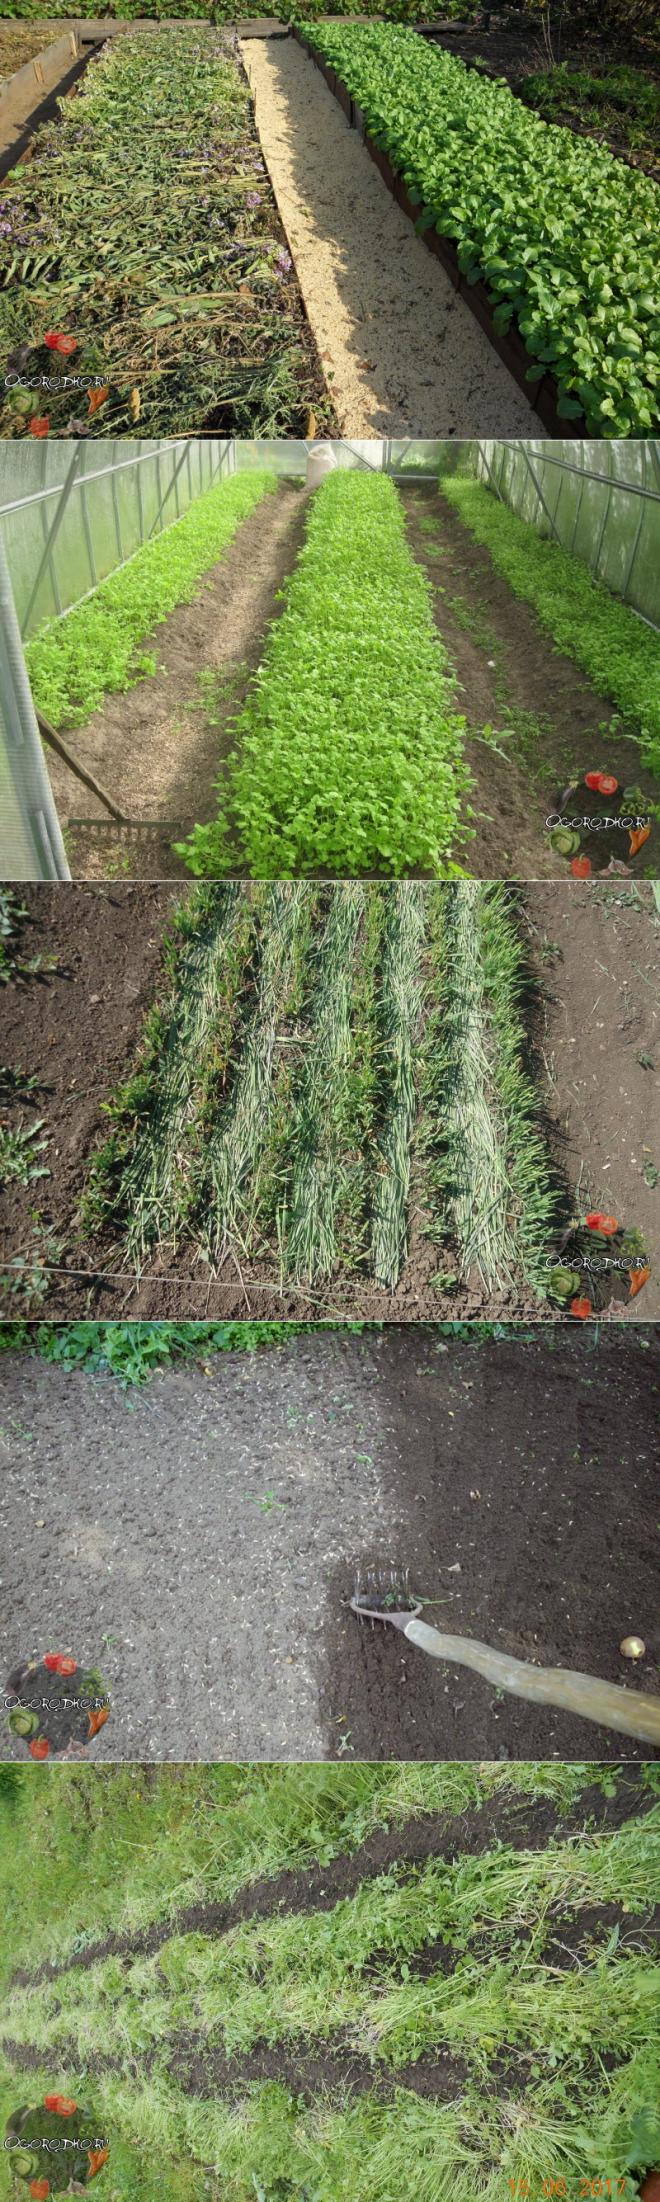 Сидераты (34 фото): какие лучше для огорода? что это такое? люцерна для клубники и масличная редька, другие растения. как их сеять?